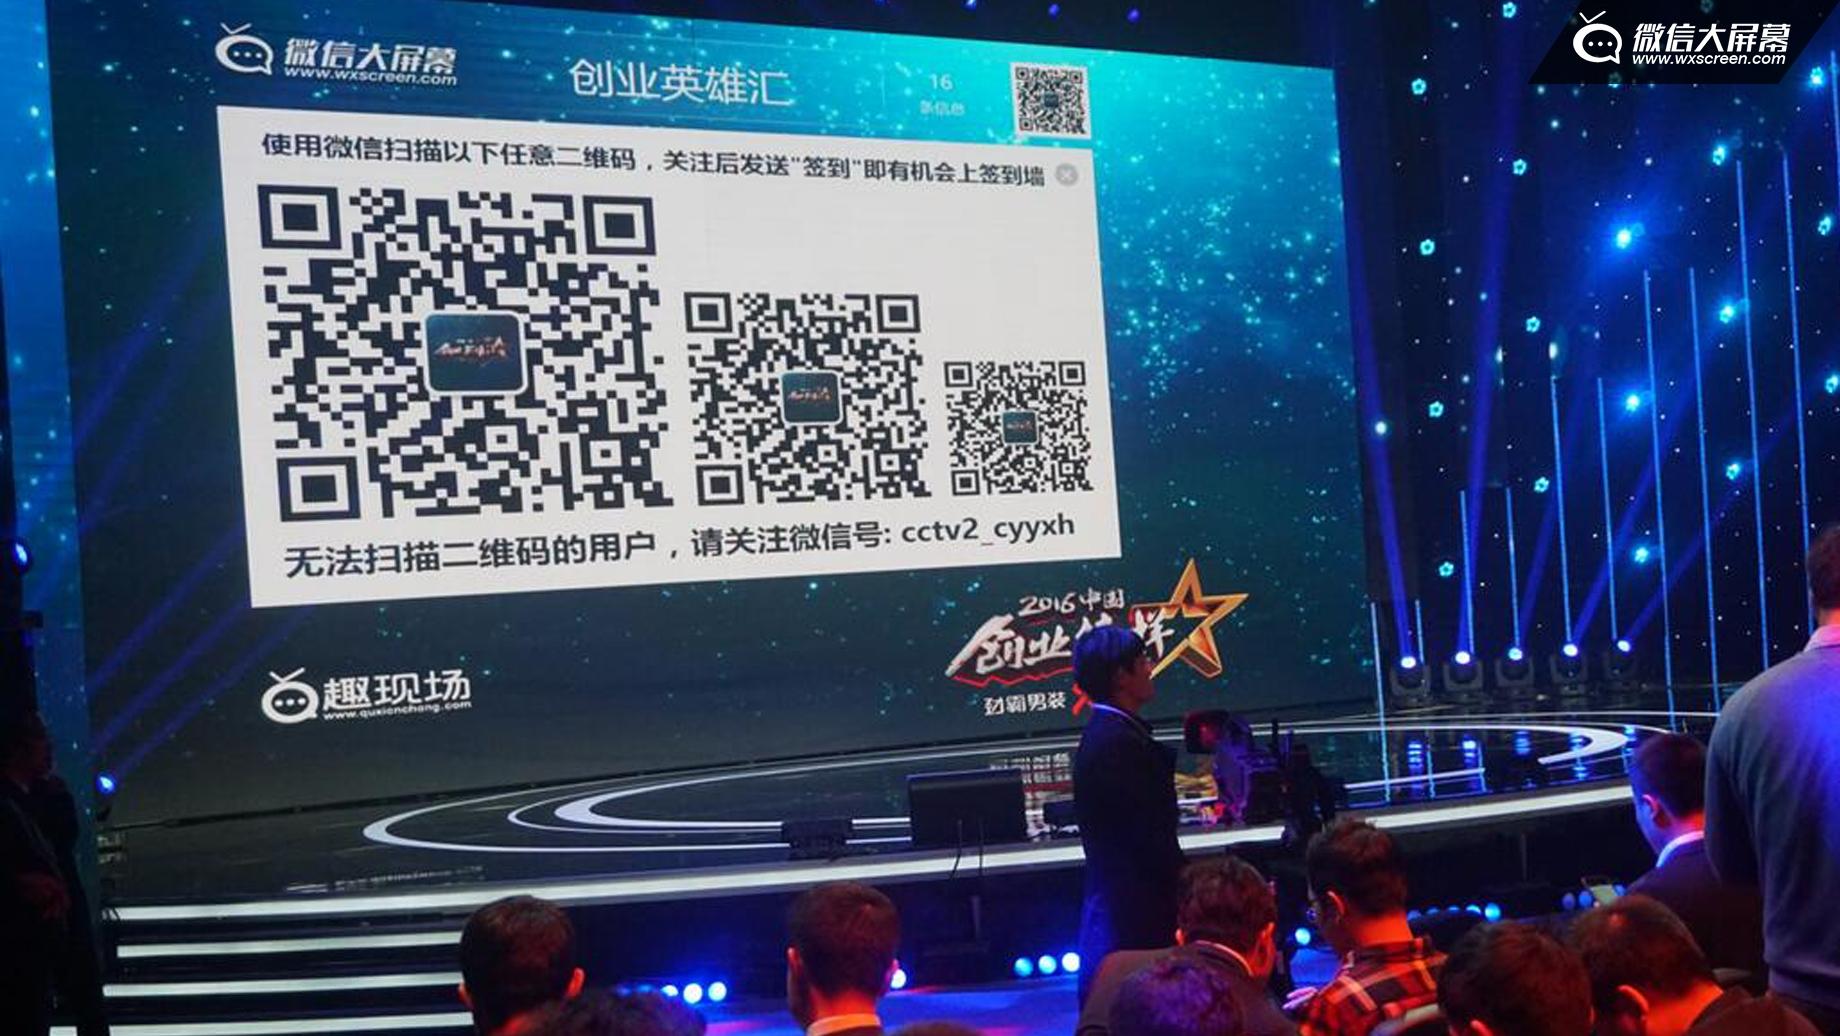 2016-CCTV2中国创业榜样揭晓,趣现场助力现场签到,投票互动新玩法